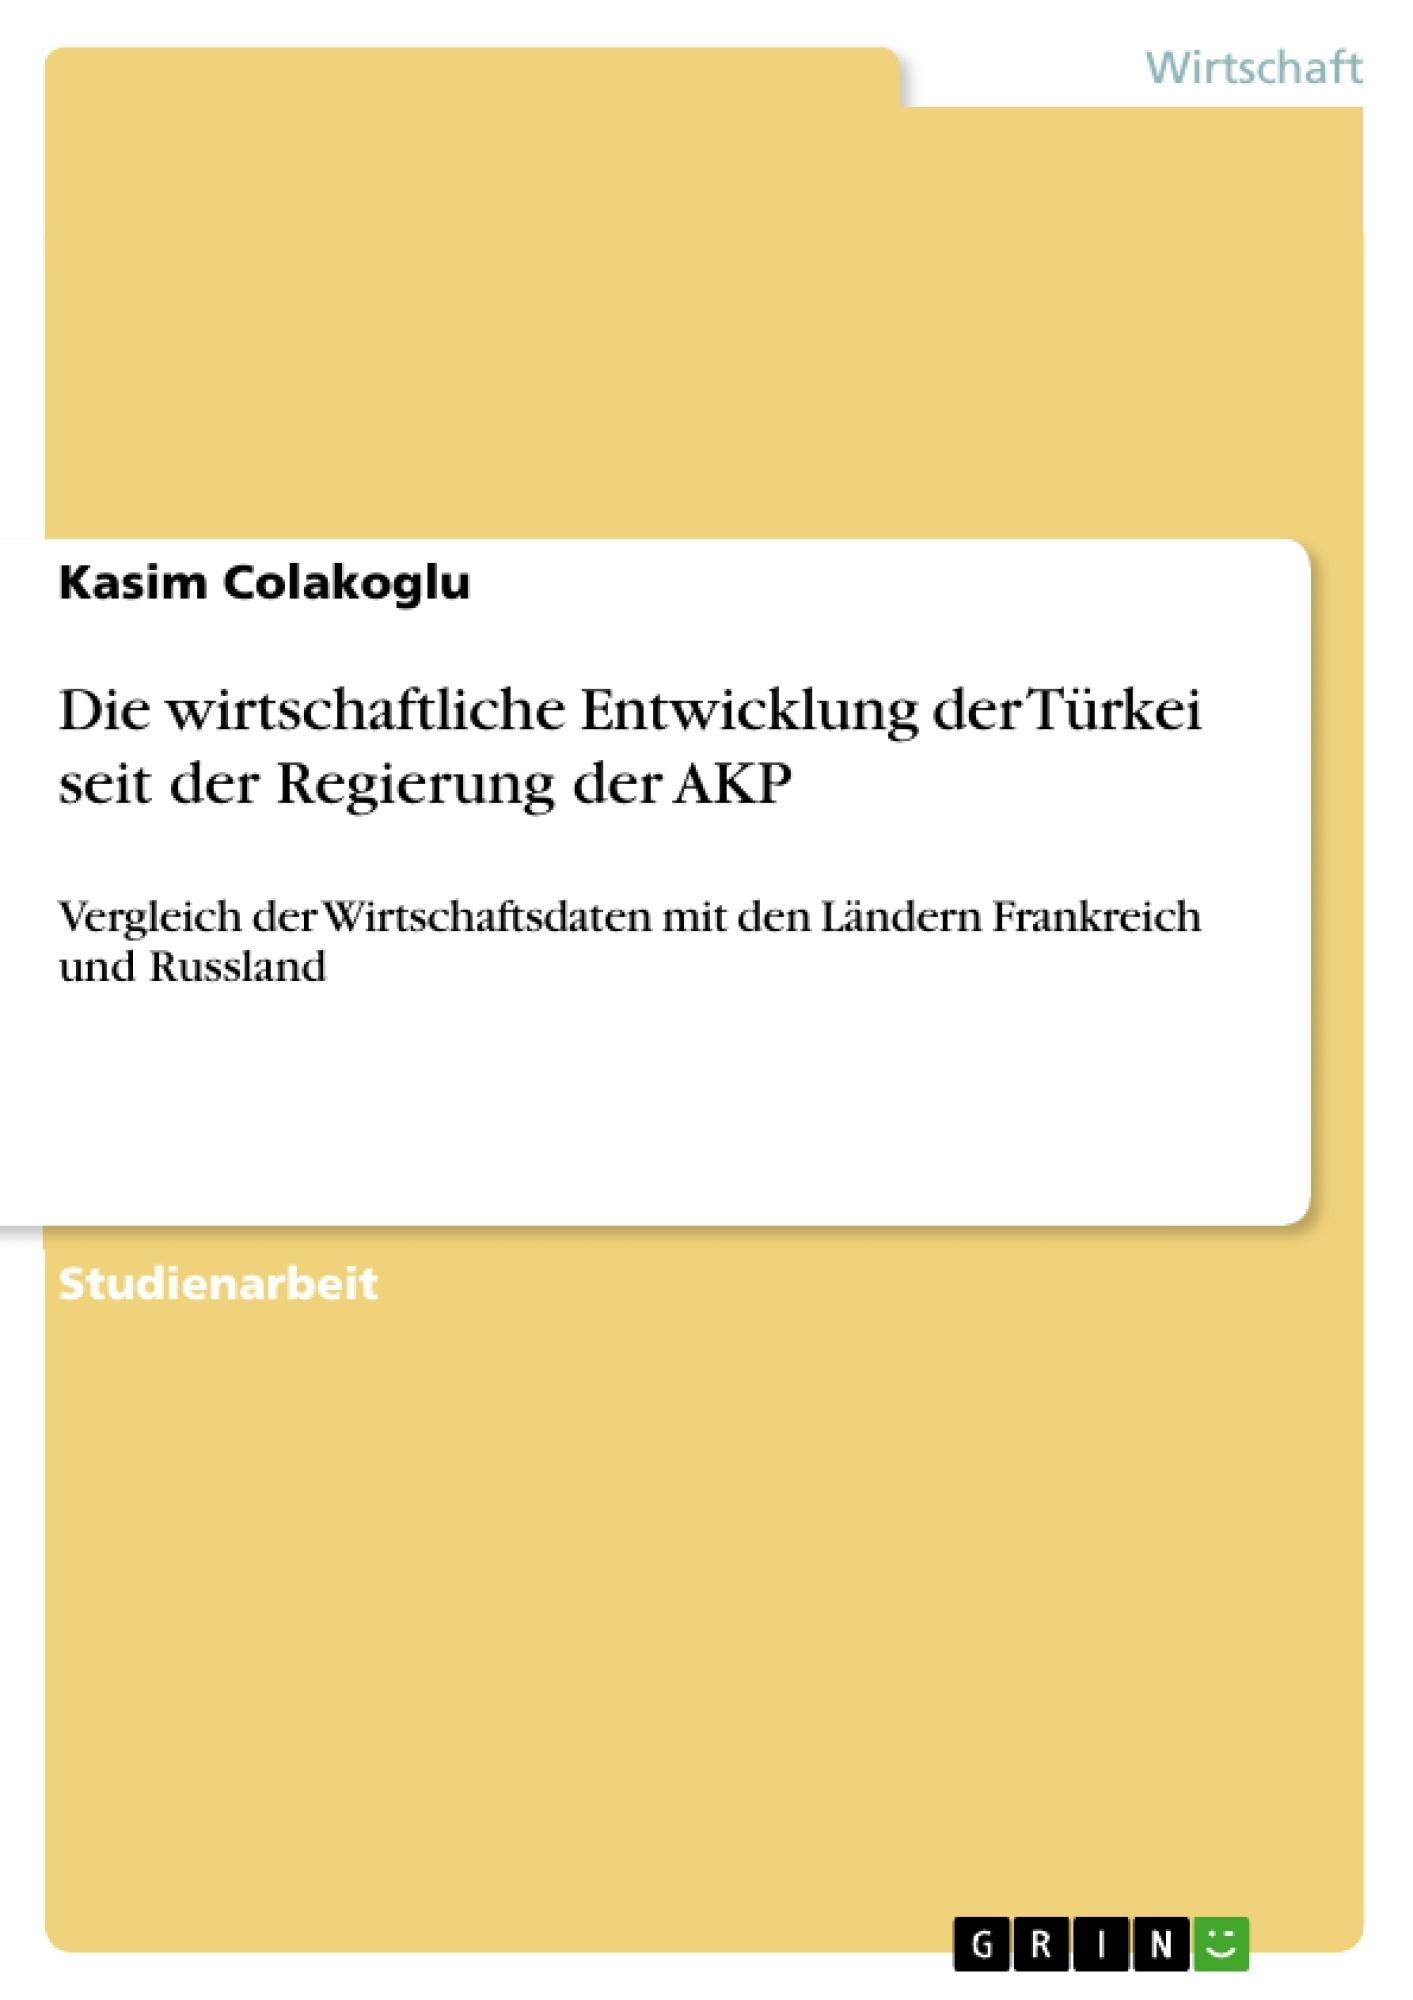 Titel: Die wirtschaftliche Entwicklung der Türkei seit der Regierung der AKP